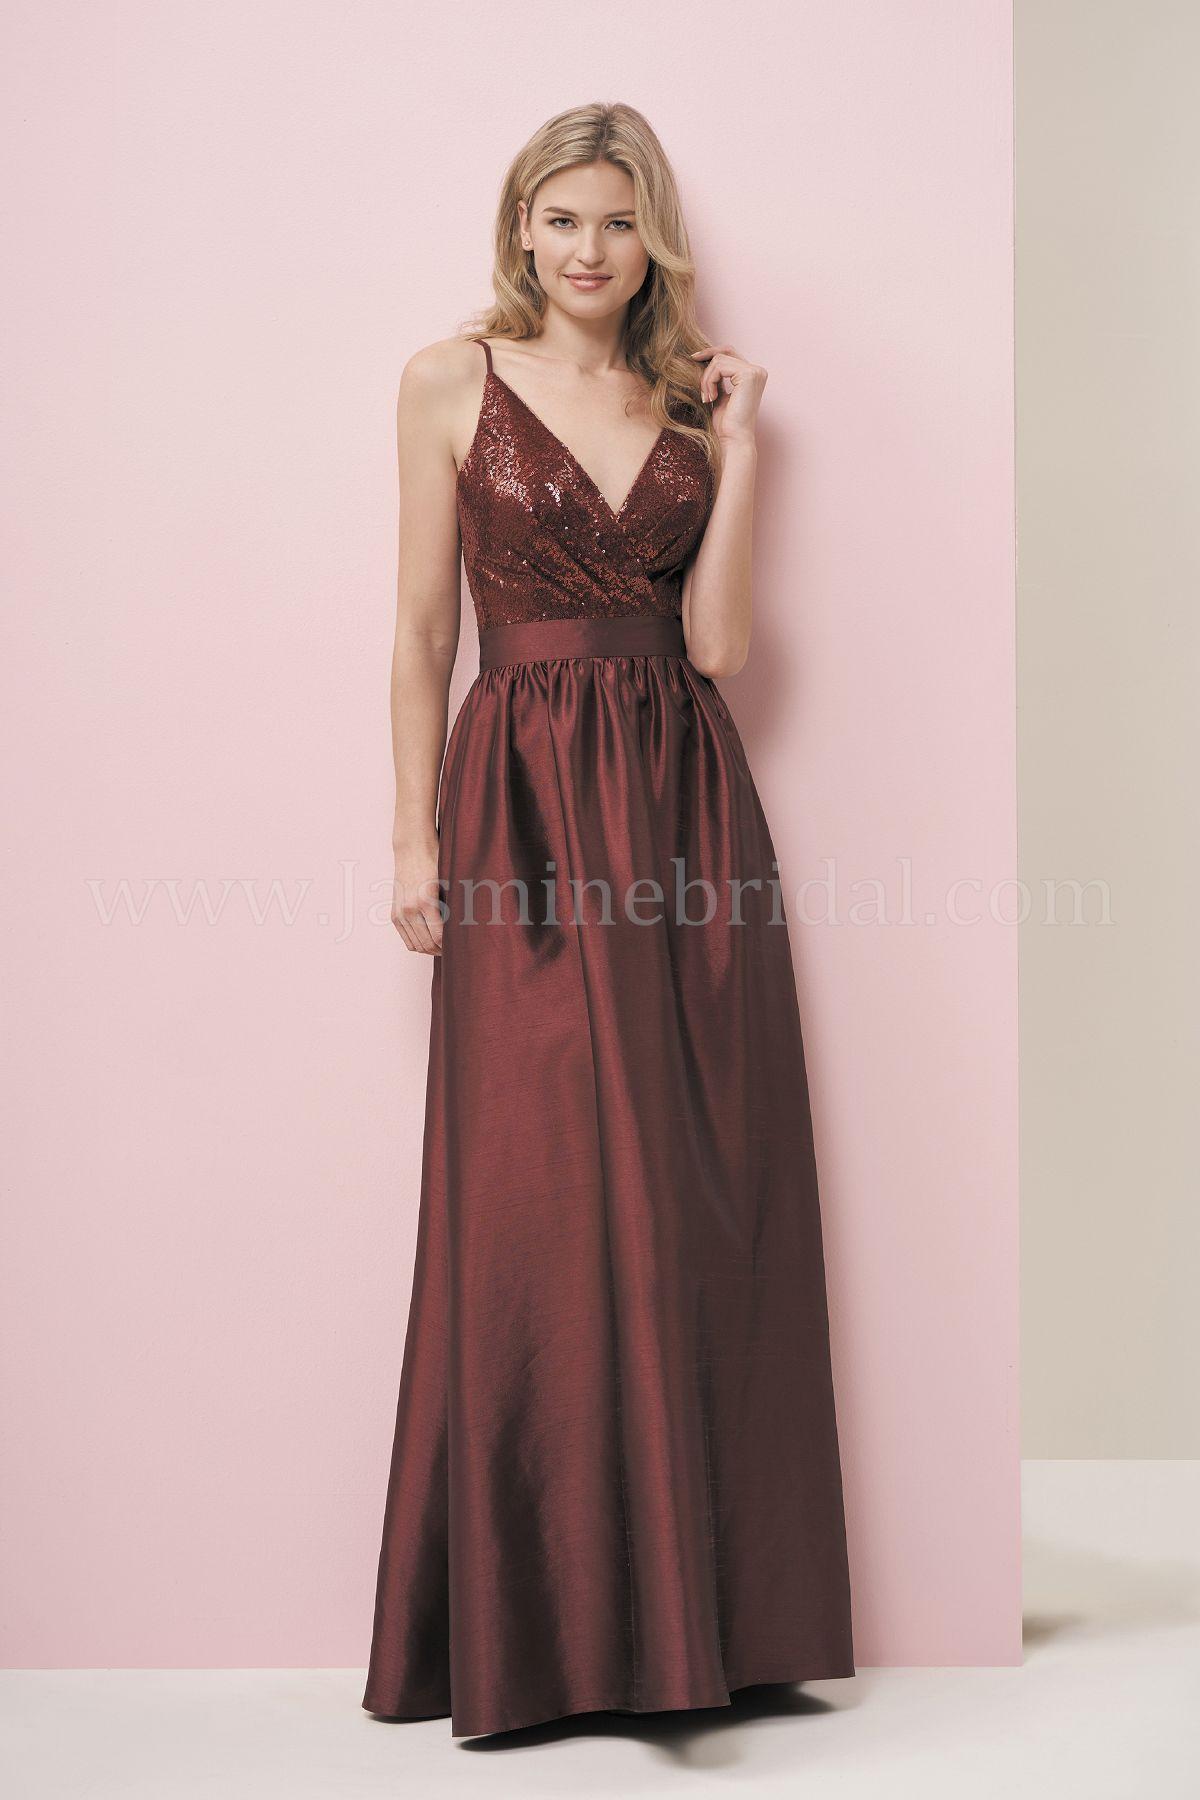 bridesmaid-dresses-P196059-F